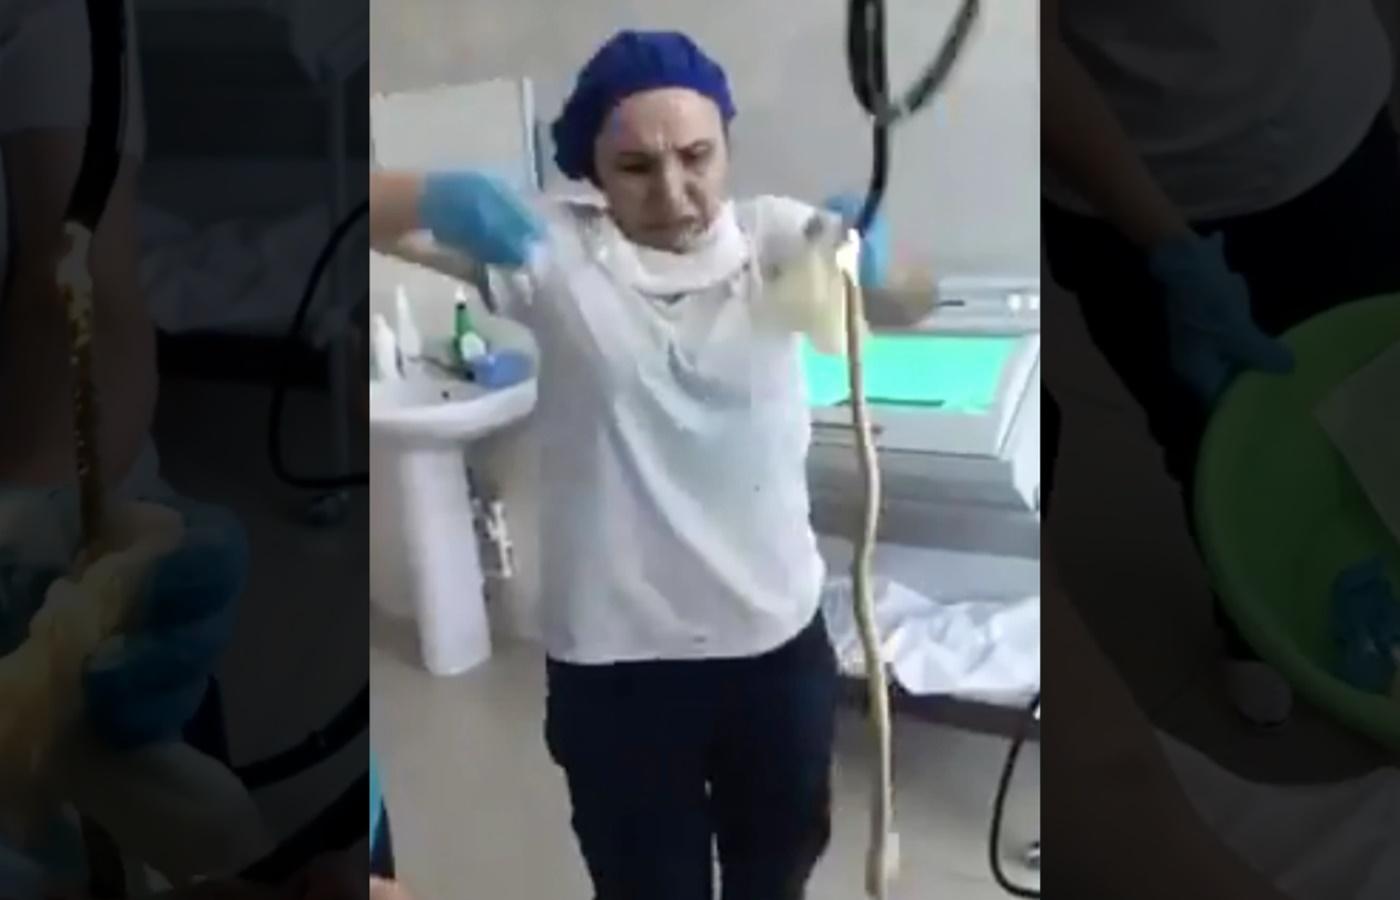 Șarpe de 1,2 metri scos de chirurgi din gura unei femei din Rusia! Este posibil așa ceva?